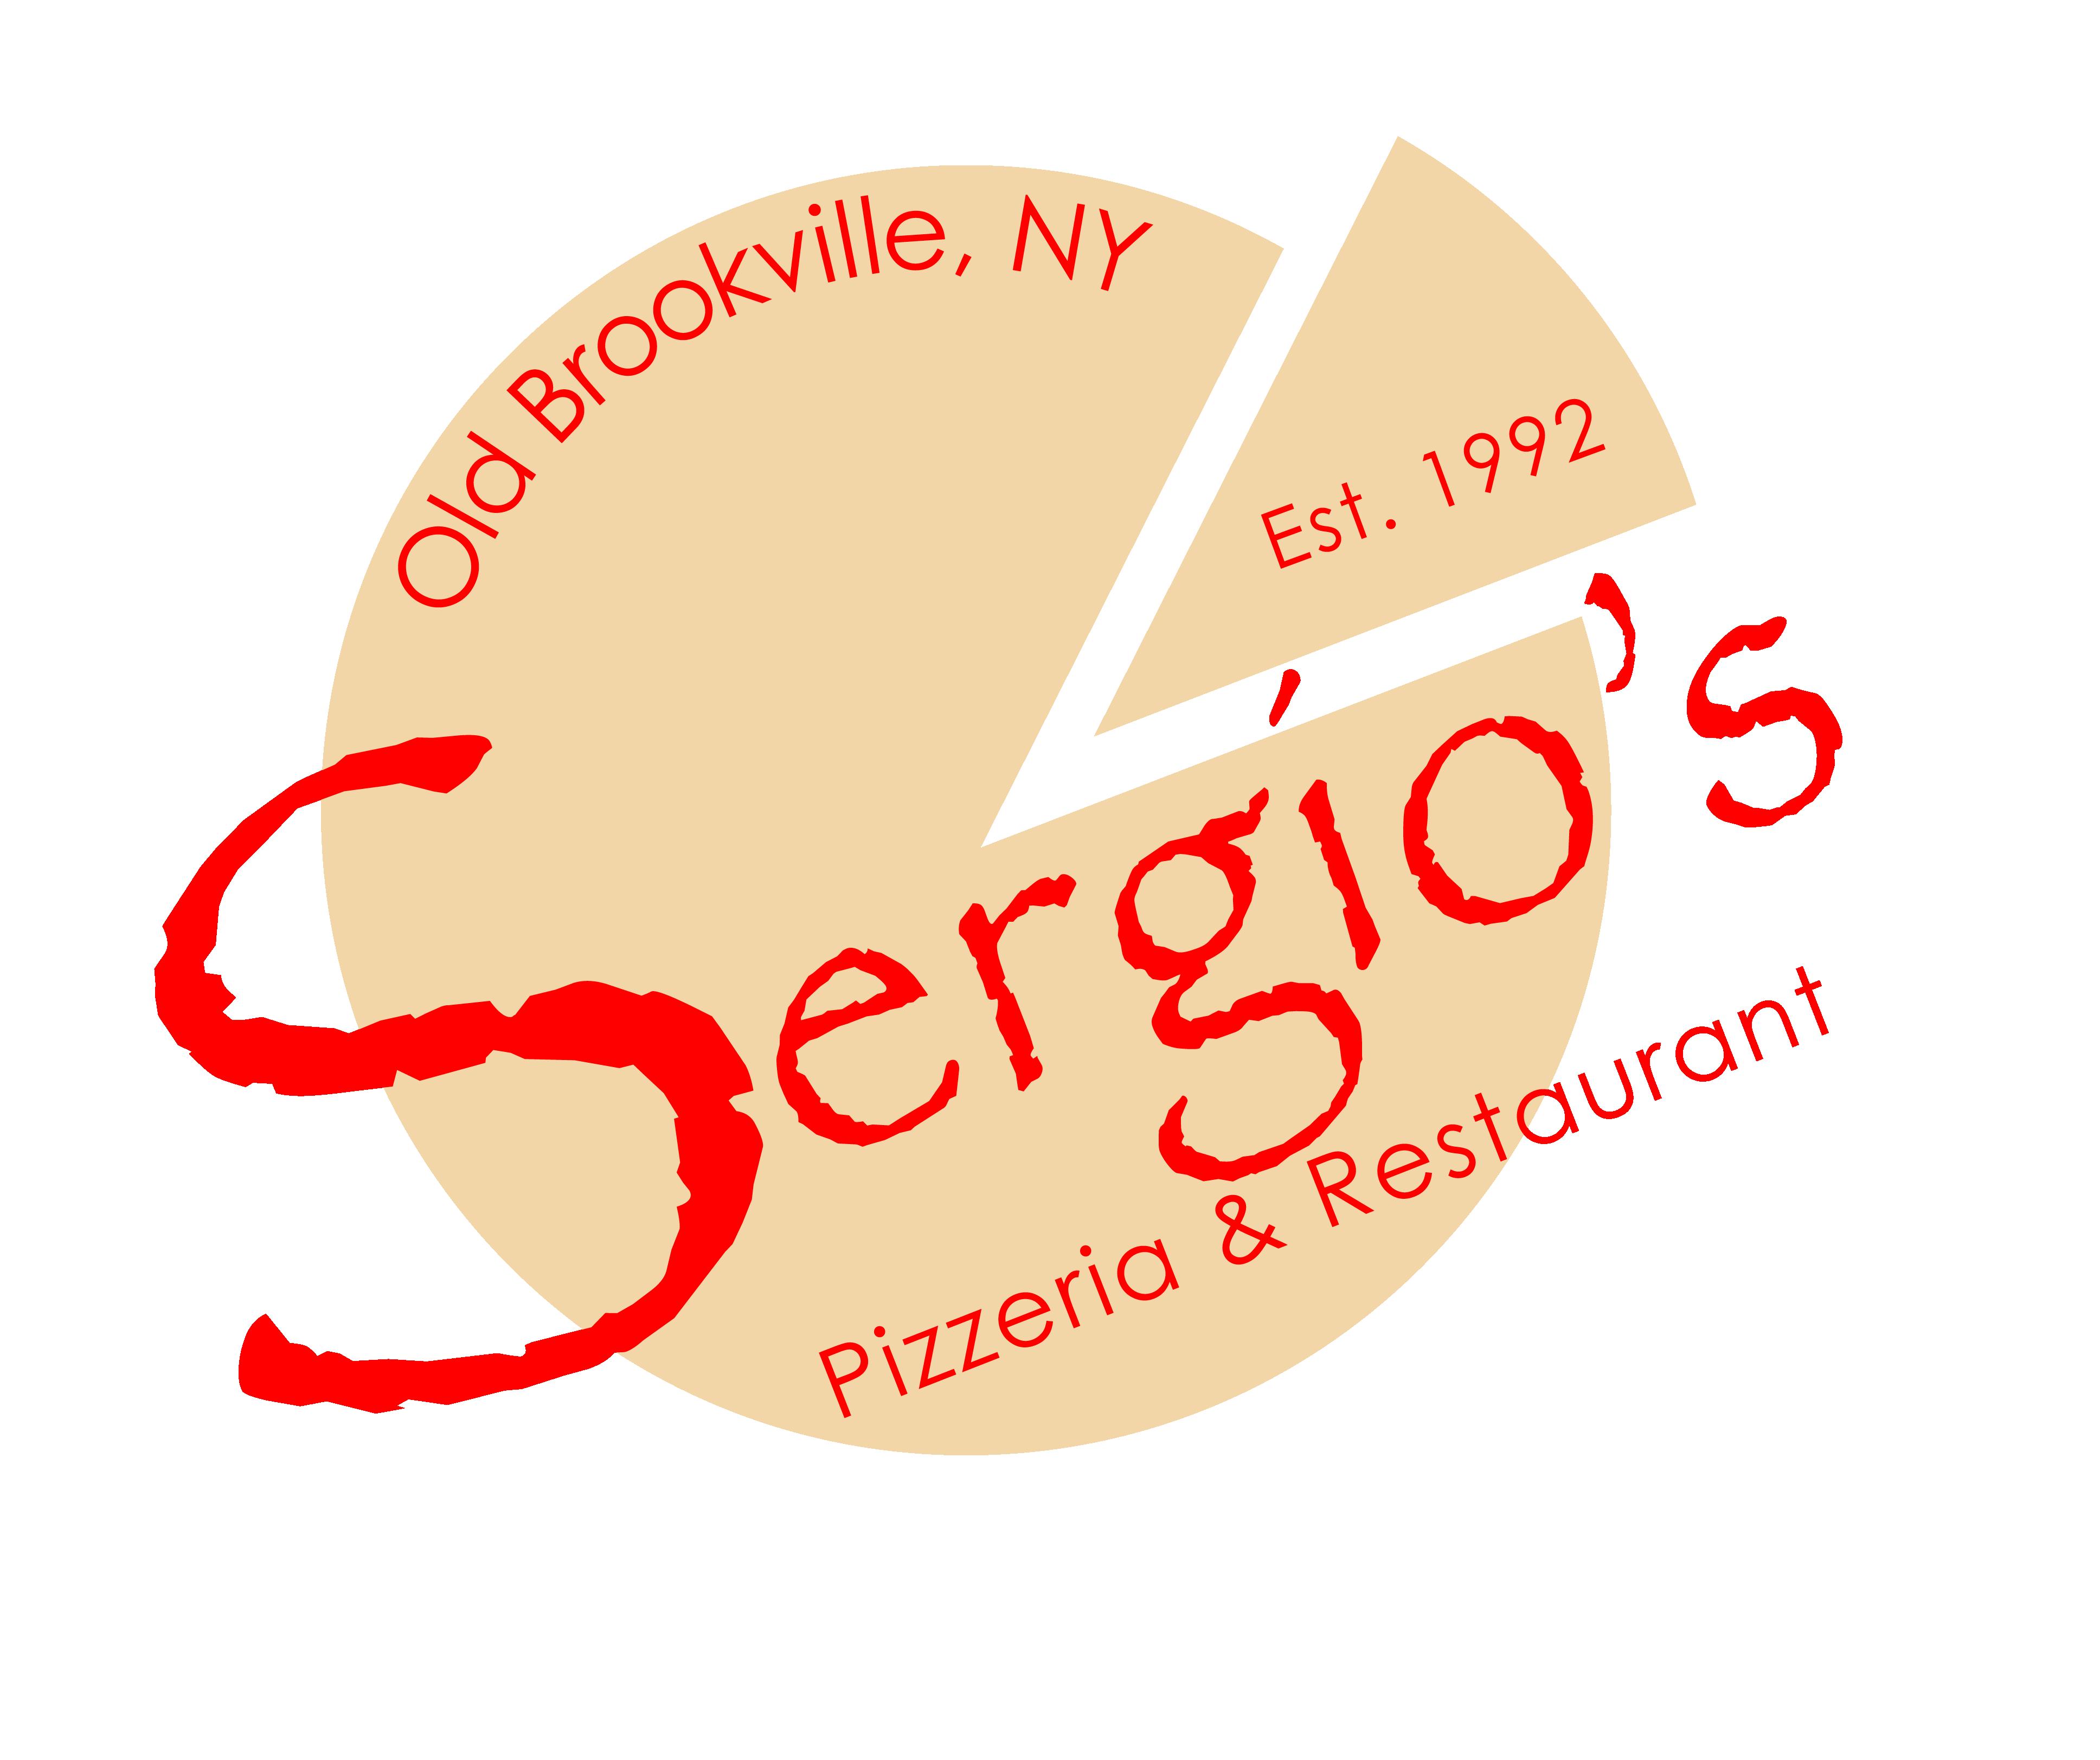 Sergio's Pizzeria & Restaurant